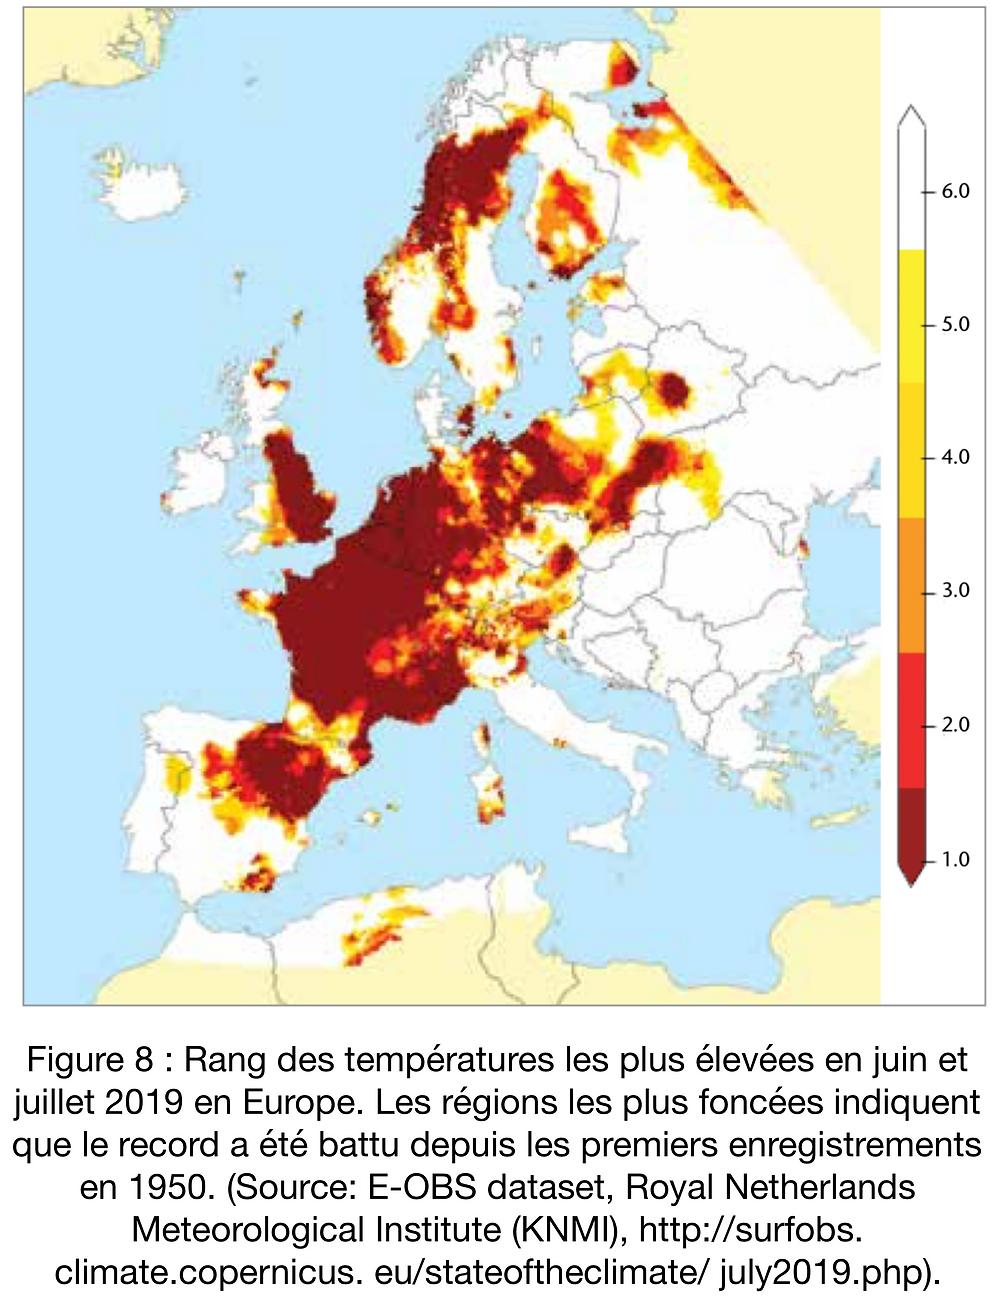 Rang des températures les plus élevées en juin et juillet 2019 en Europe